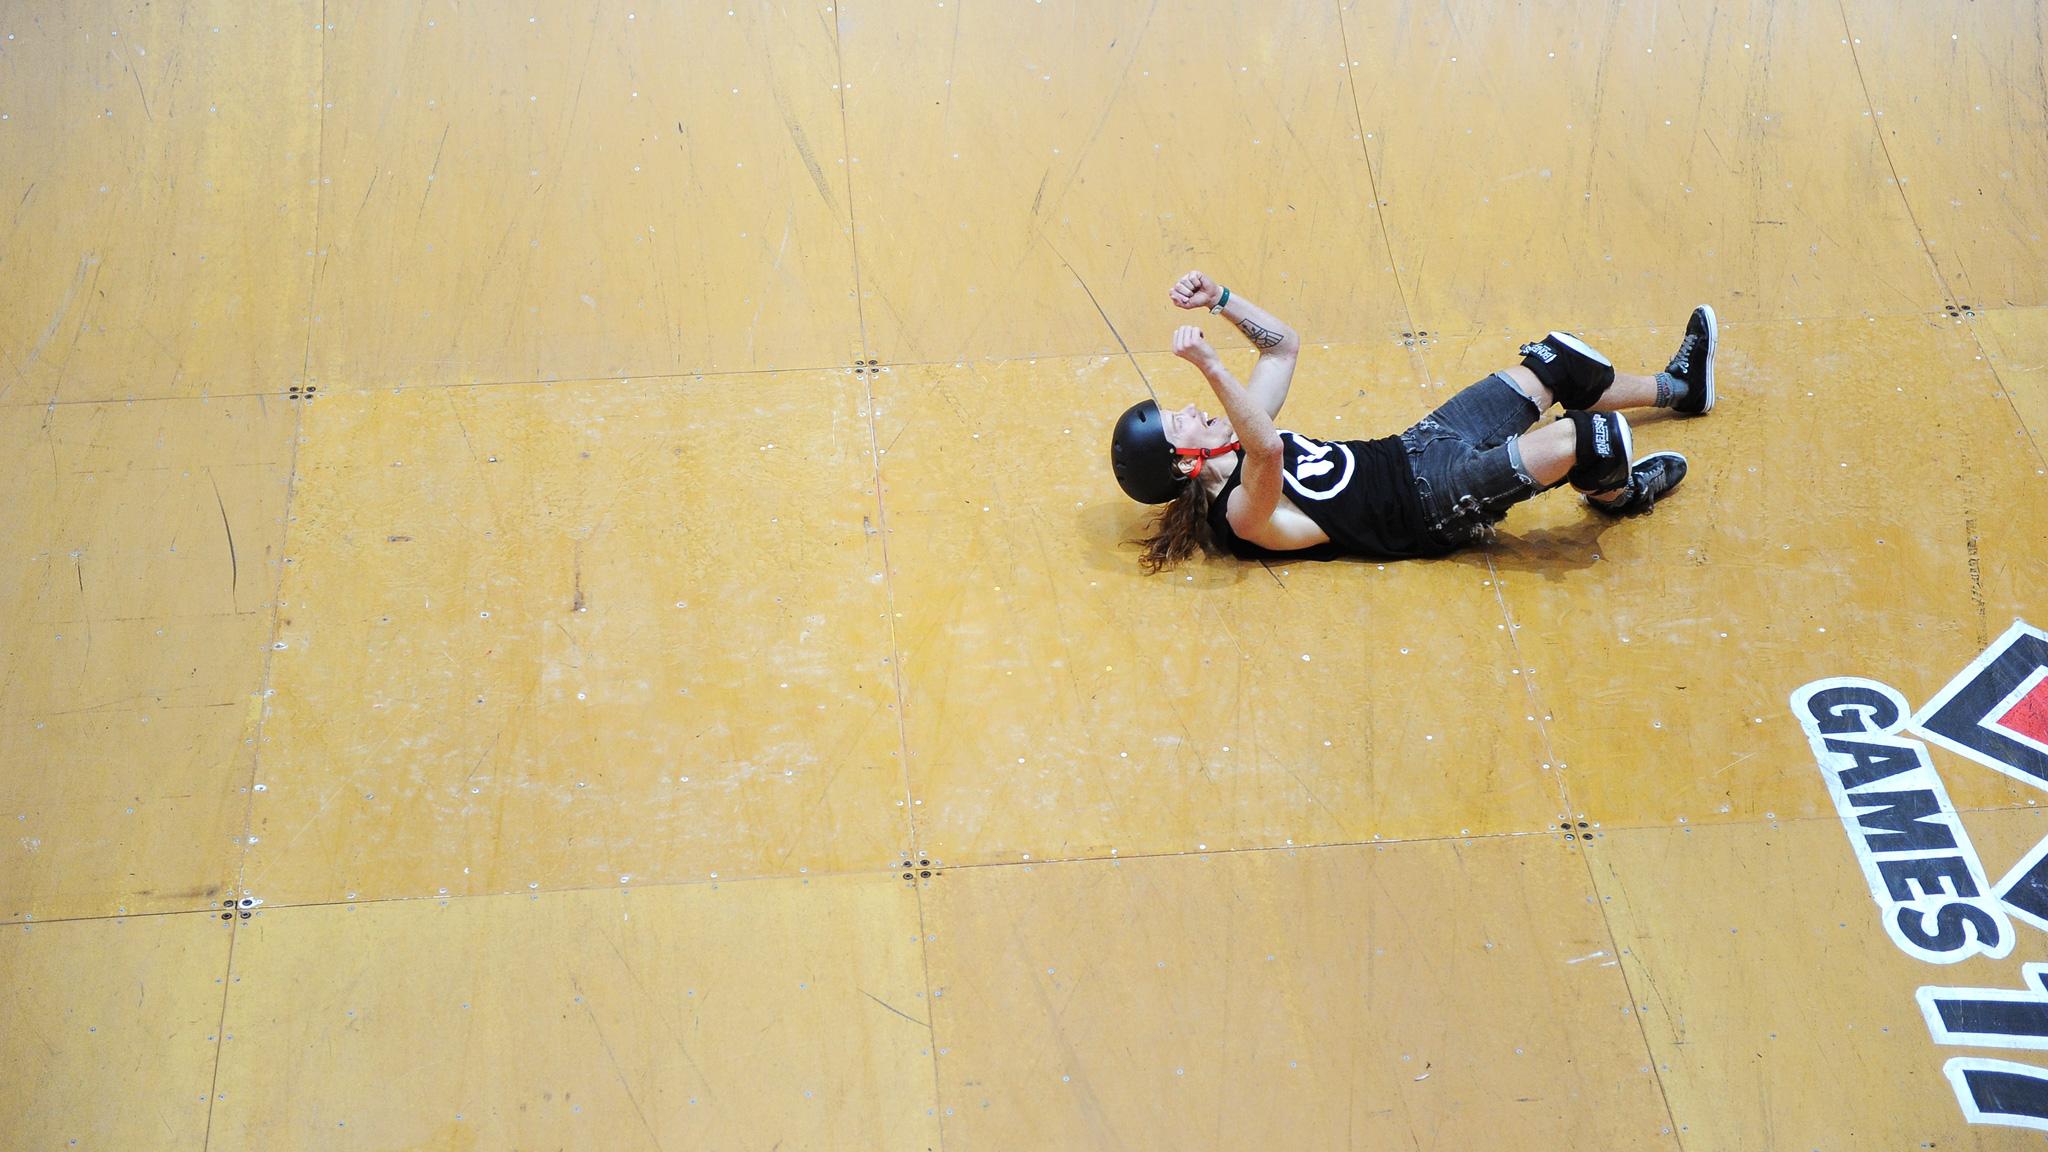 Shaun White beats PLG for Skateboard Vert gold